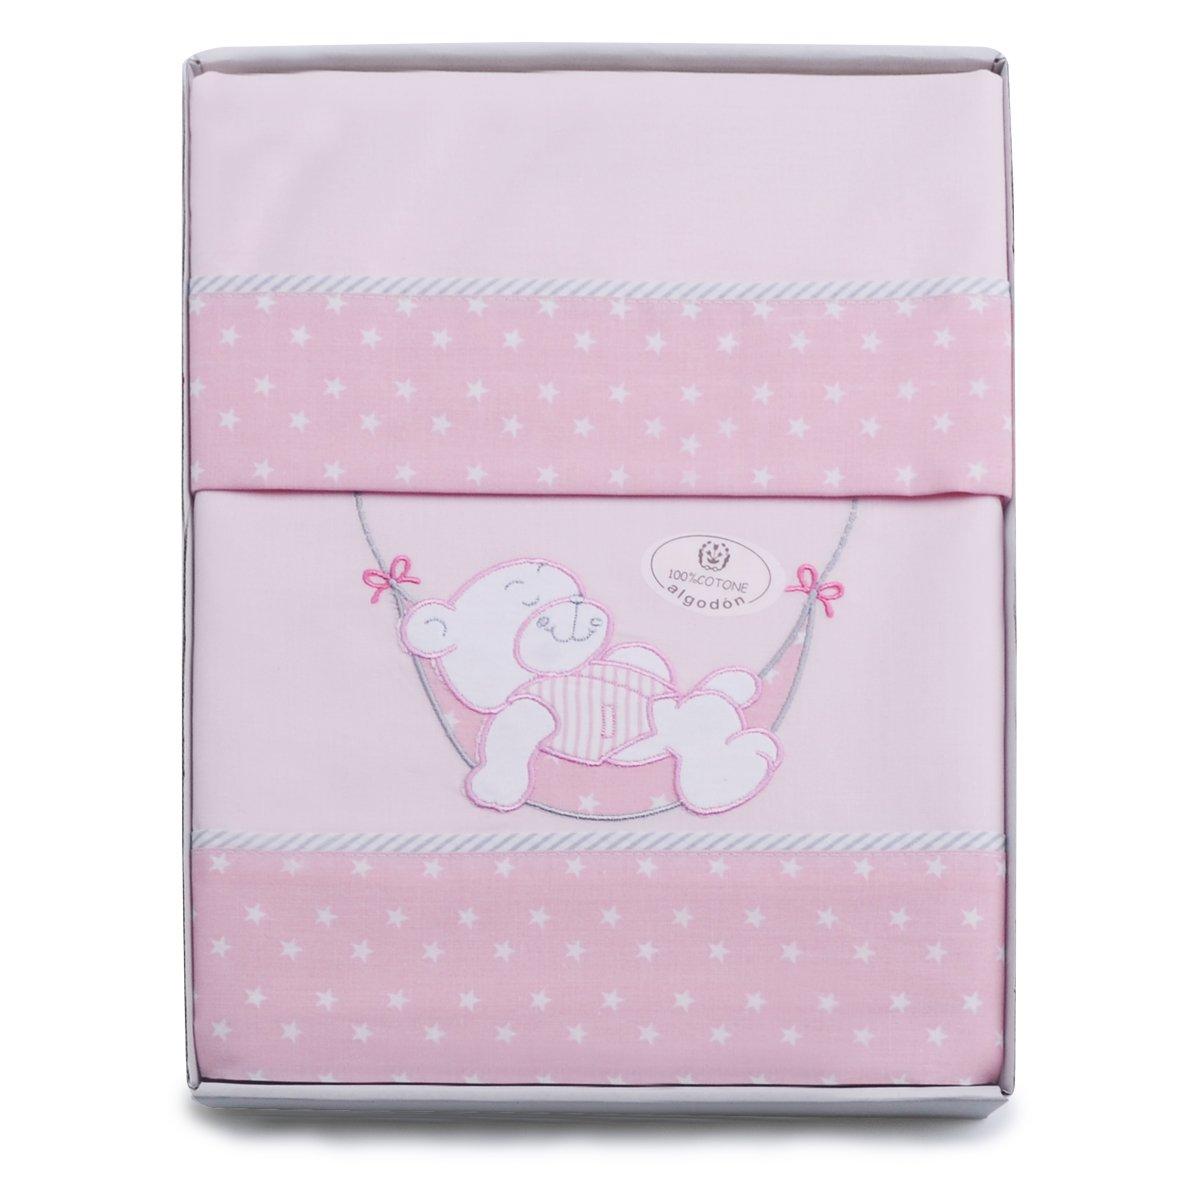 PEKITAS 3-teiliges Bettwäsche-Set für Kinderwagen/Kinderwagen, 40 x 80 cm, 100% Baumwolle, in Geschenkverpackung (Kissenbezug + Bettlaken + Spannbettlaken mit Gummiband) Teddy Blau 18cpmod1-AZ